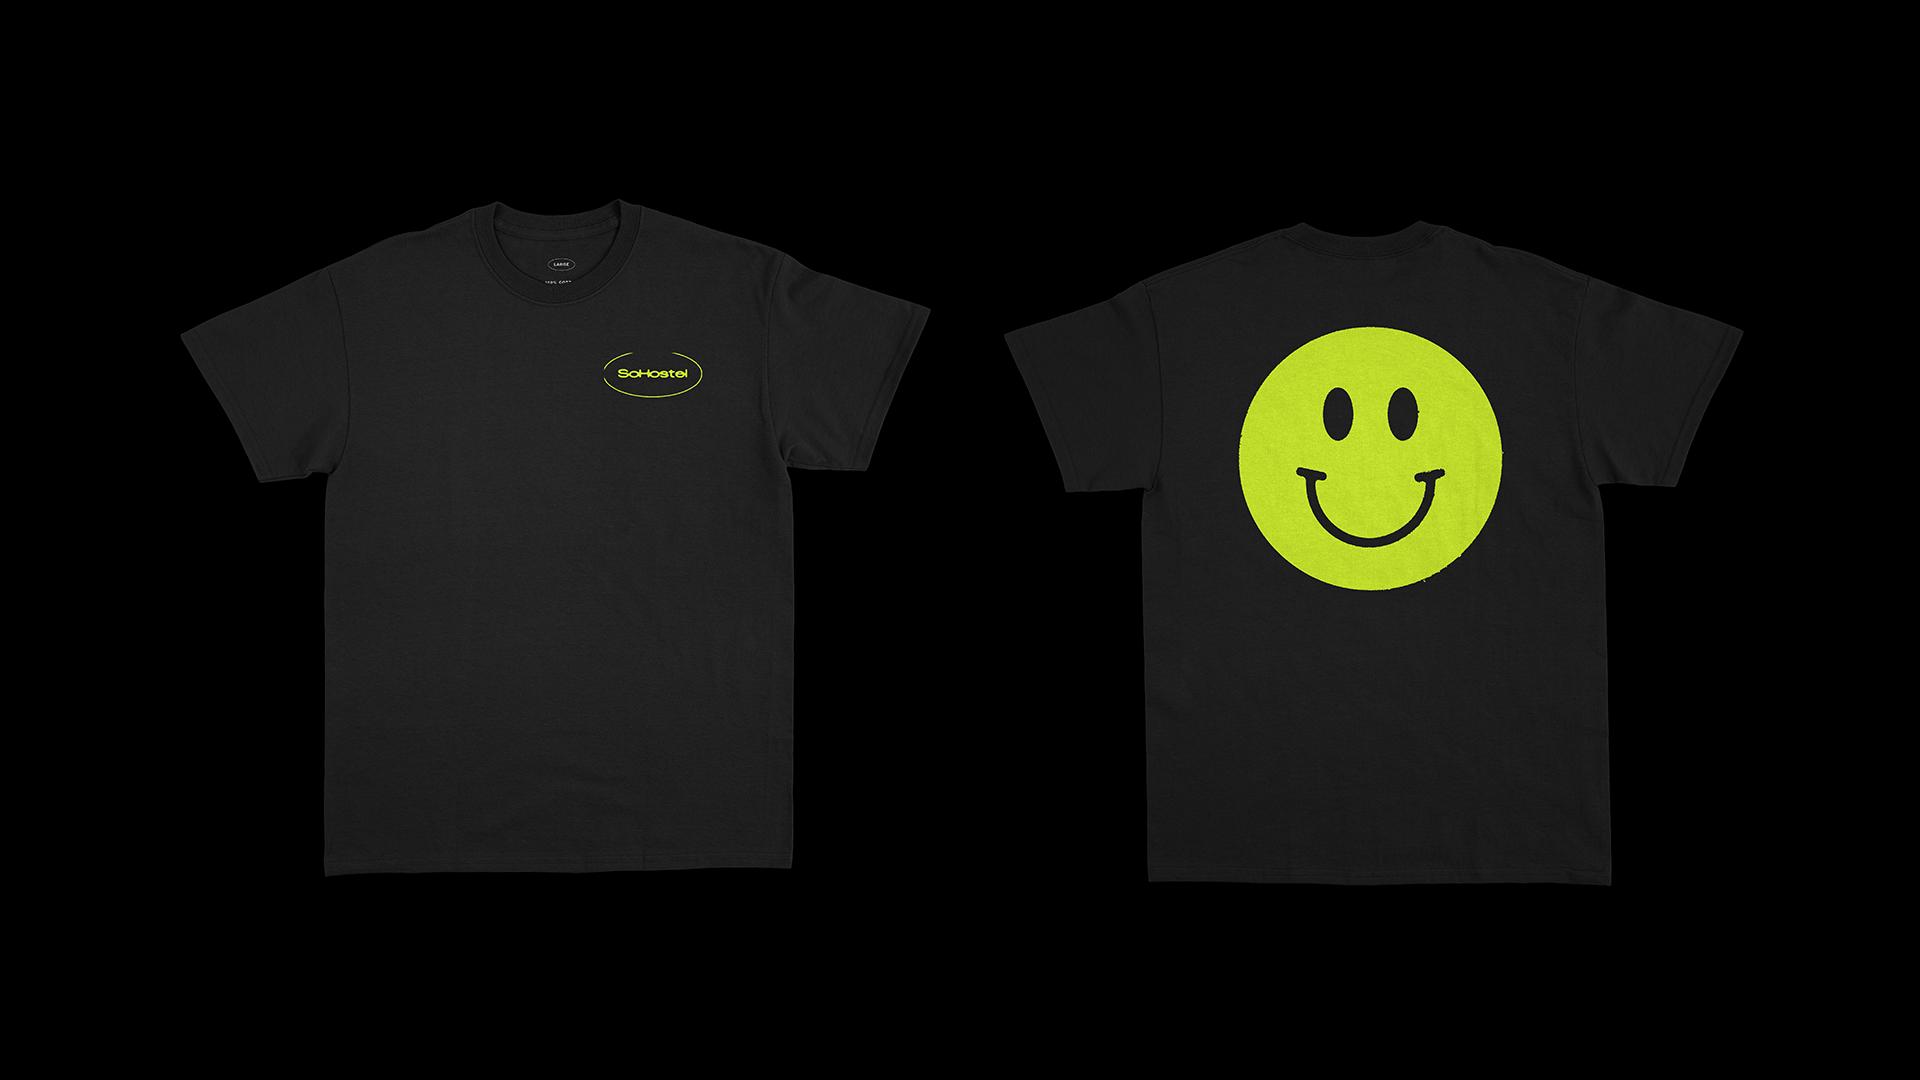 SoHostel_Tshirts